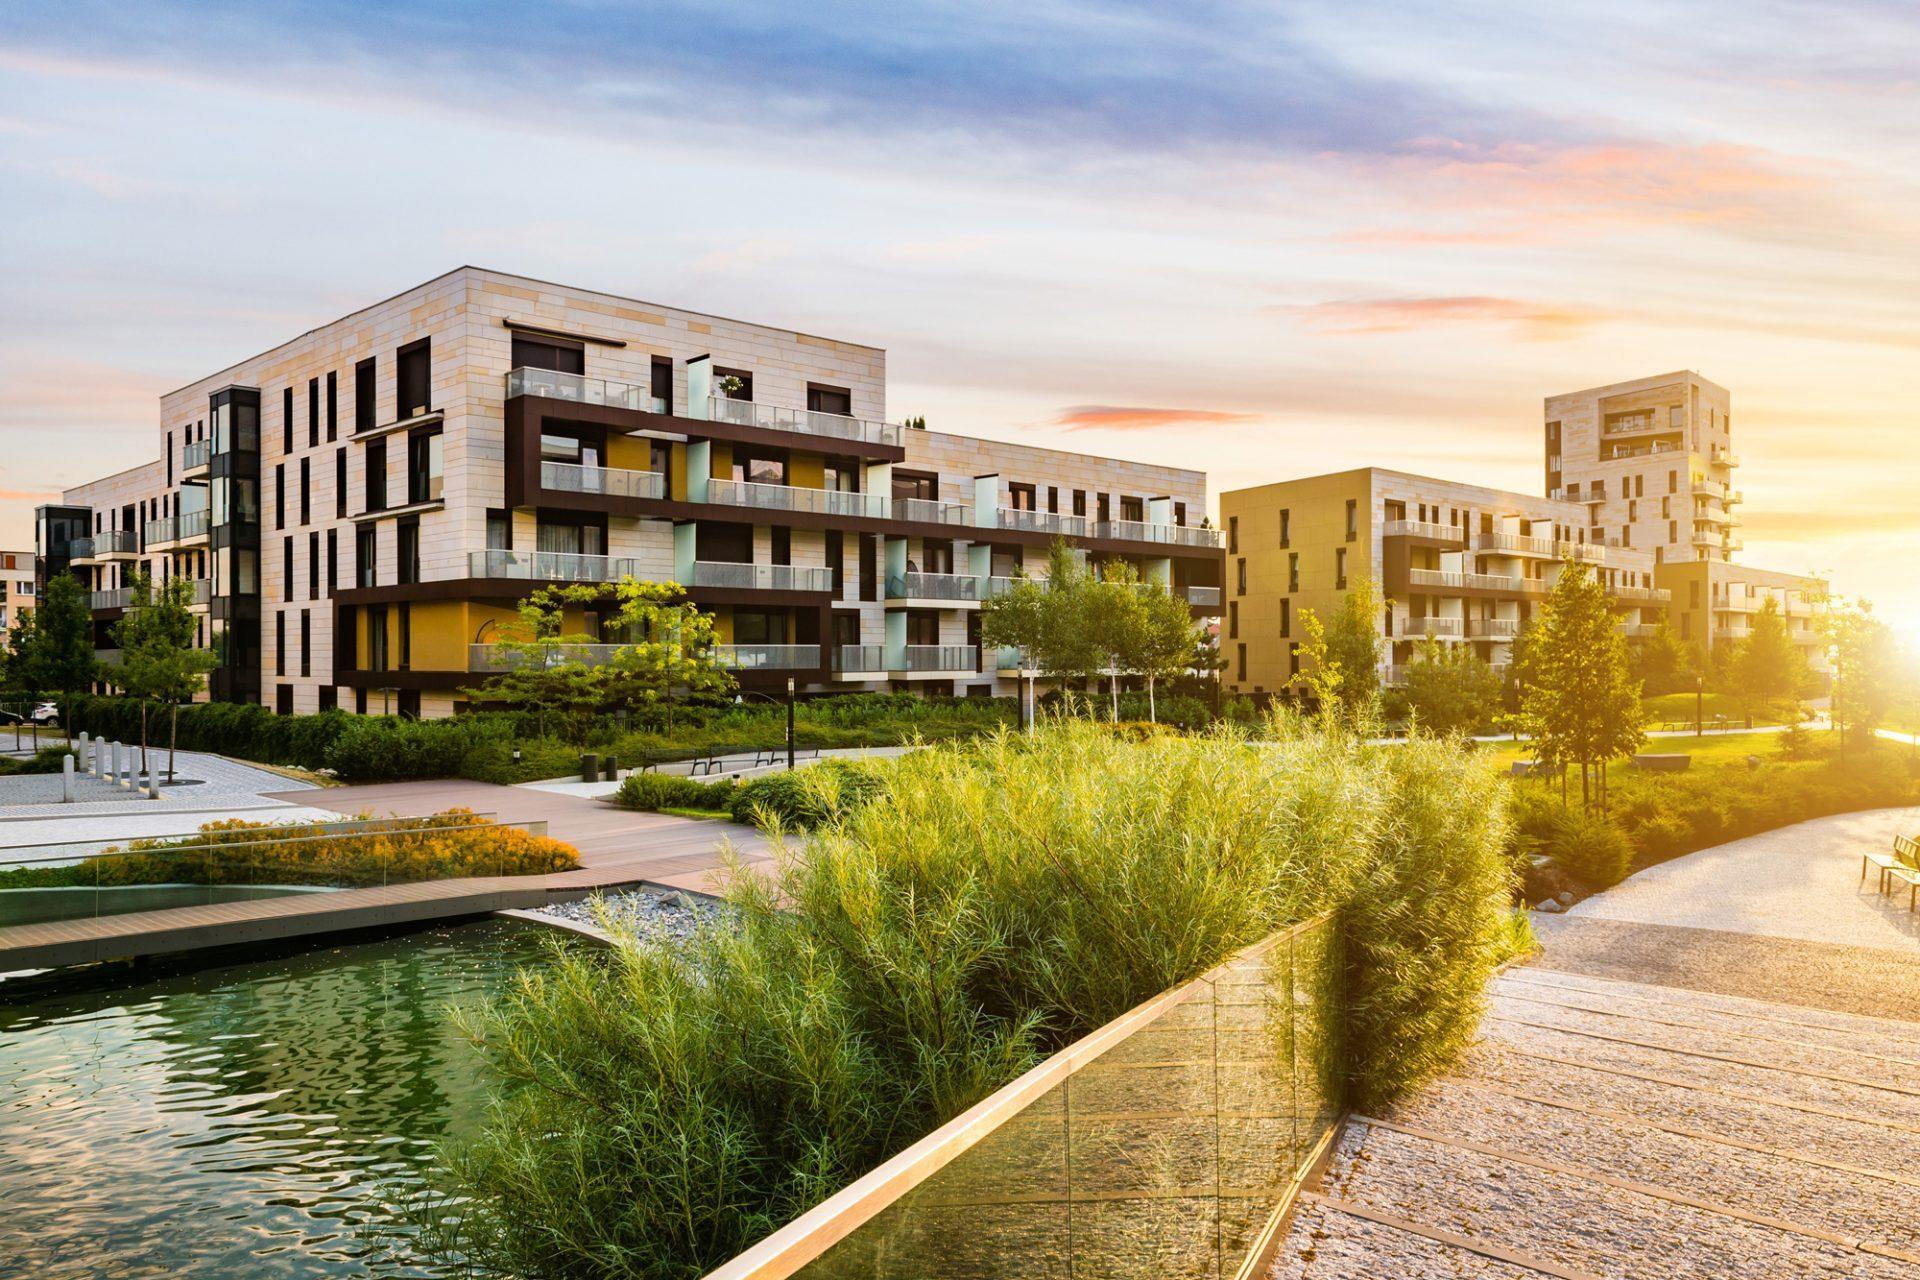 Astuces pour investir en immobilier en Belgique